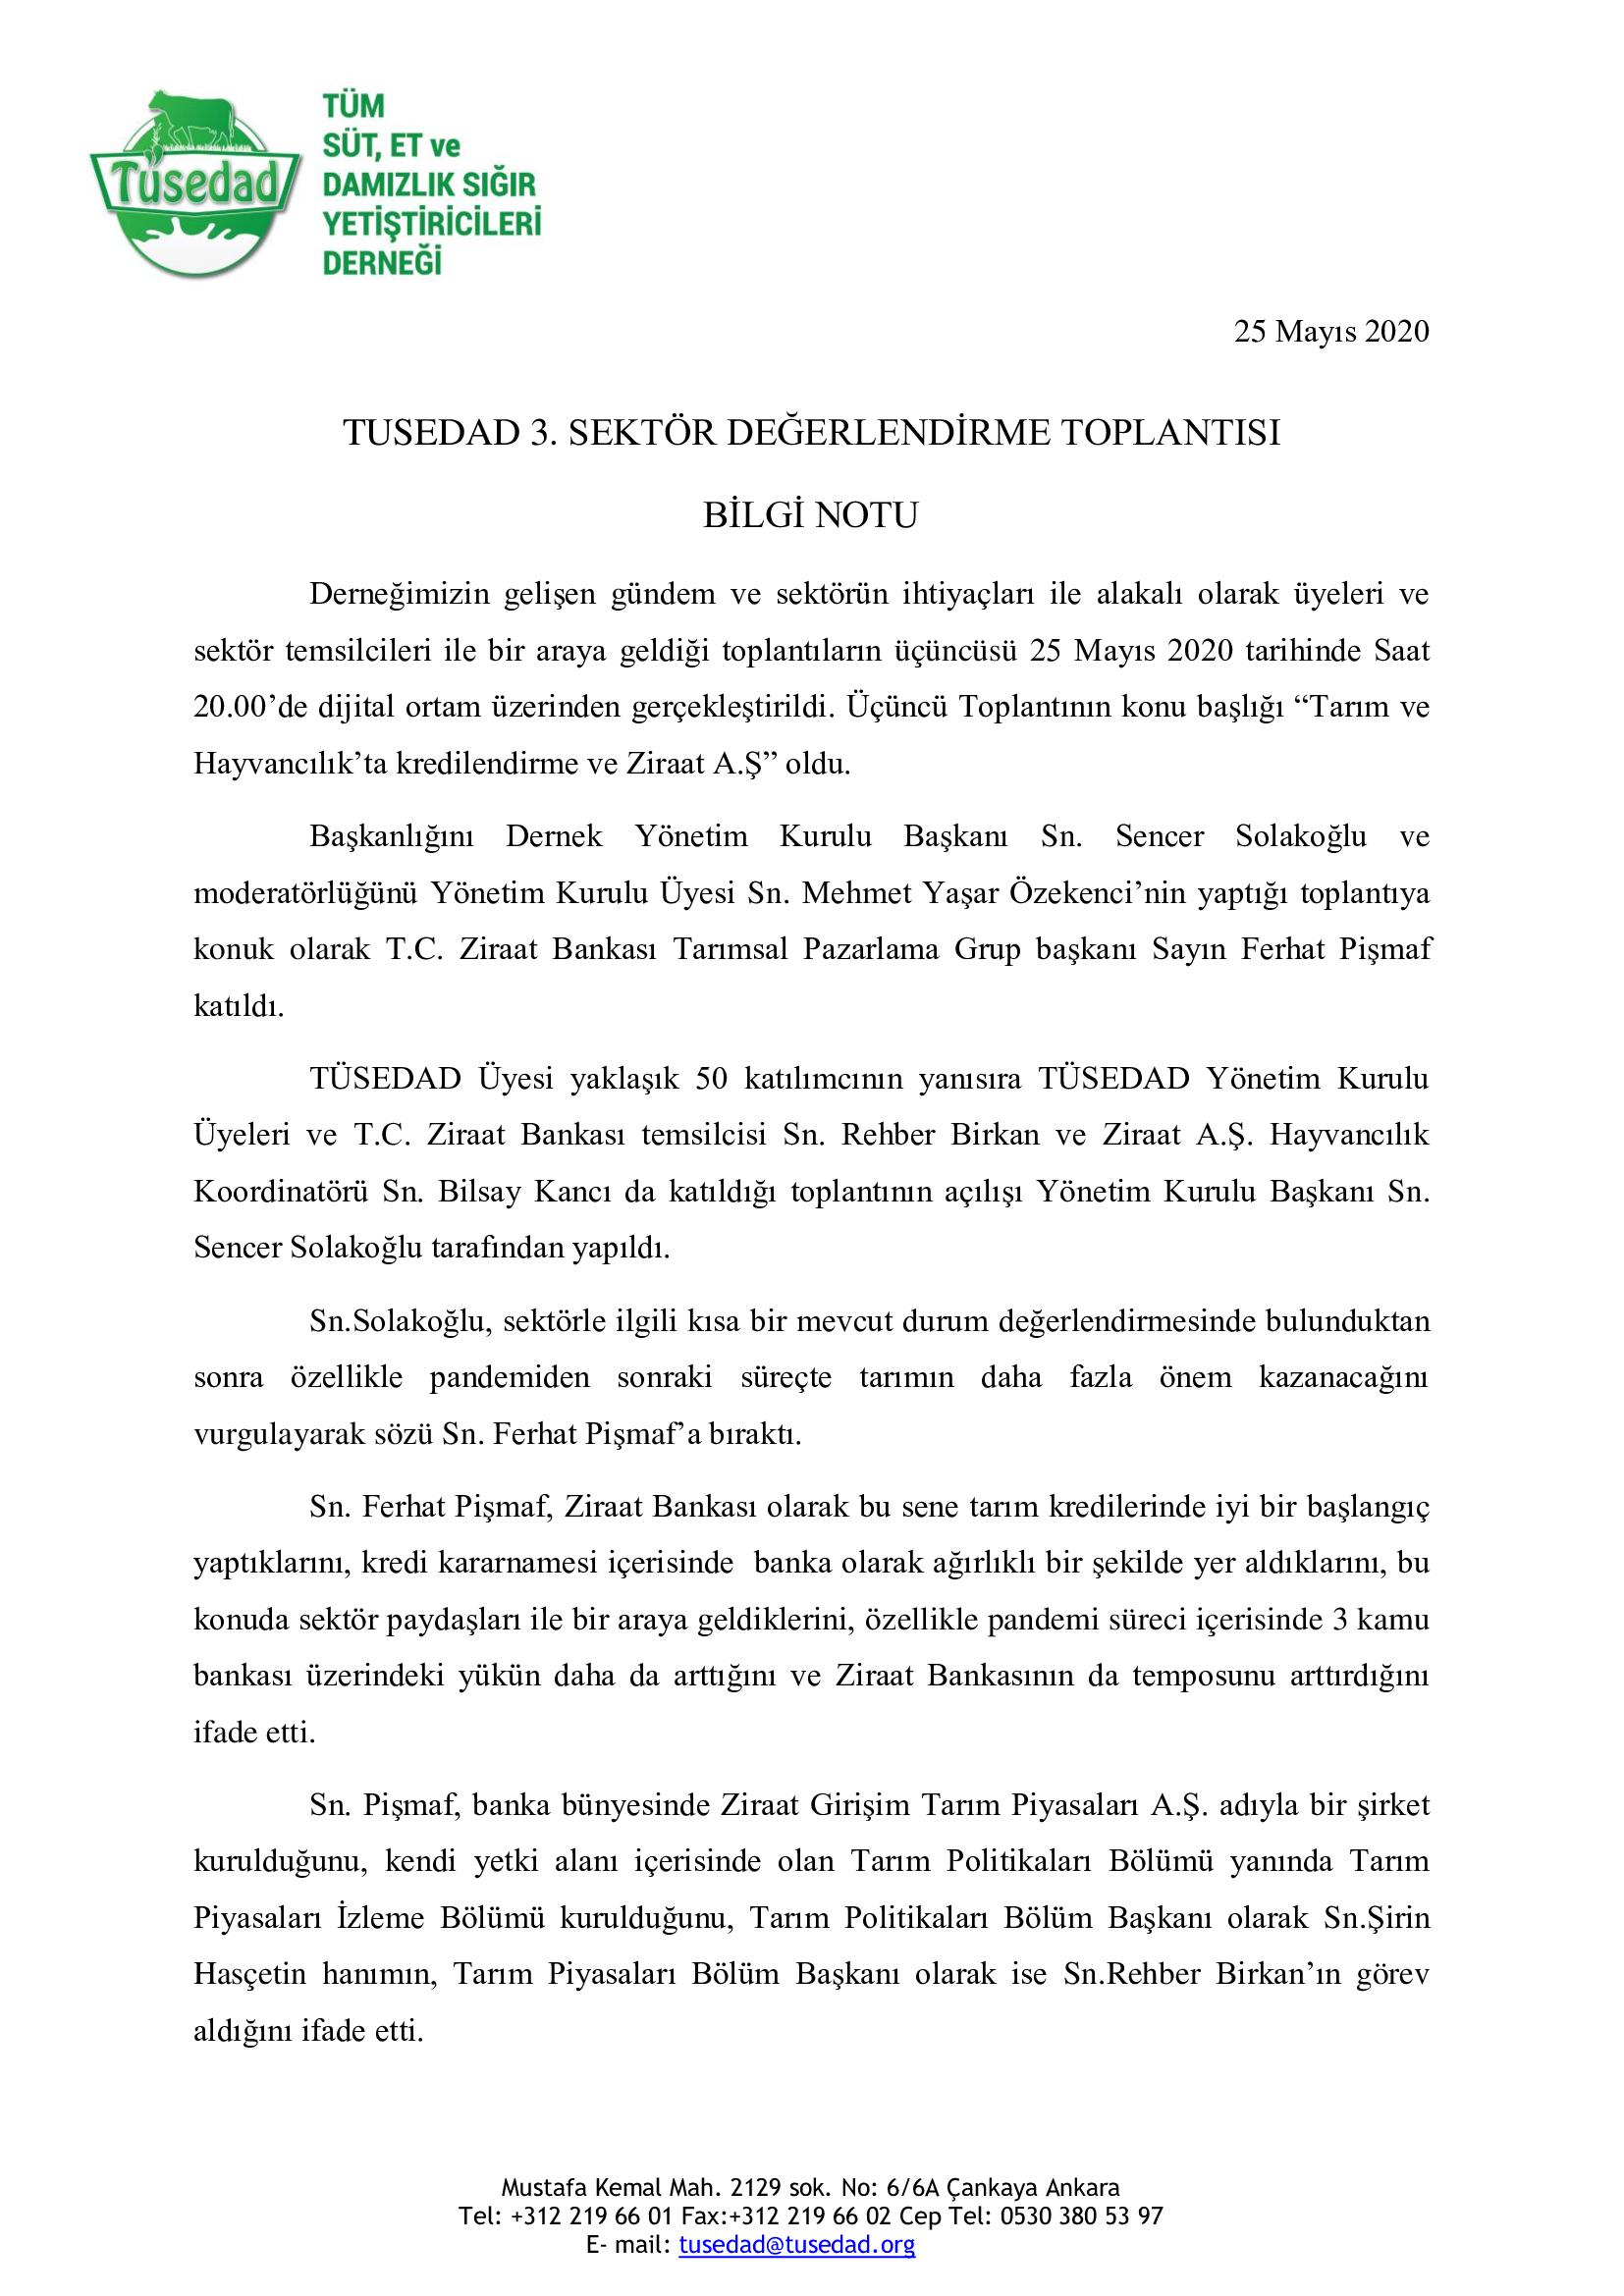 TÜSEDAD 3. Sektör Değerlendirme Toplantısı – 25 Mayıs 2020